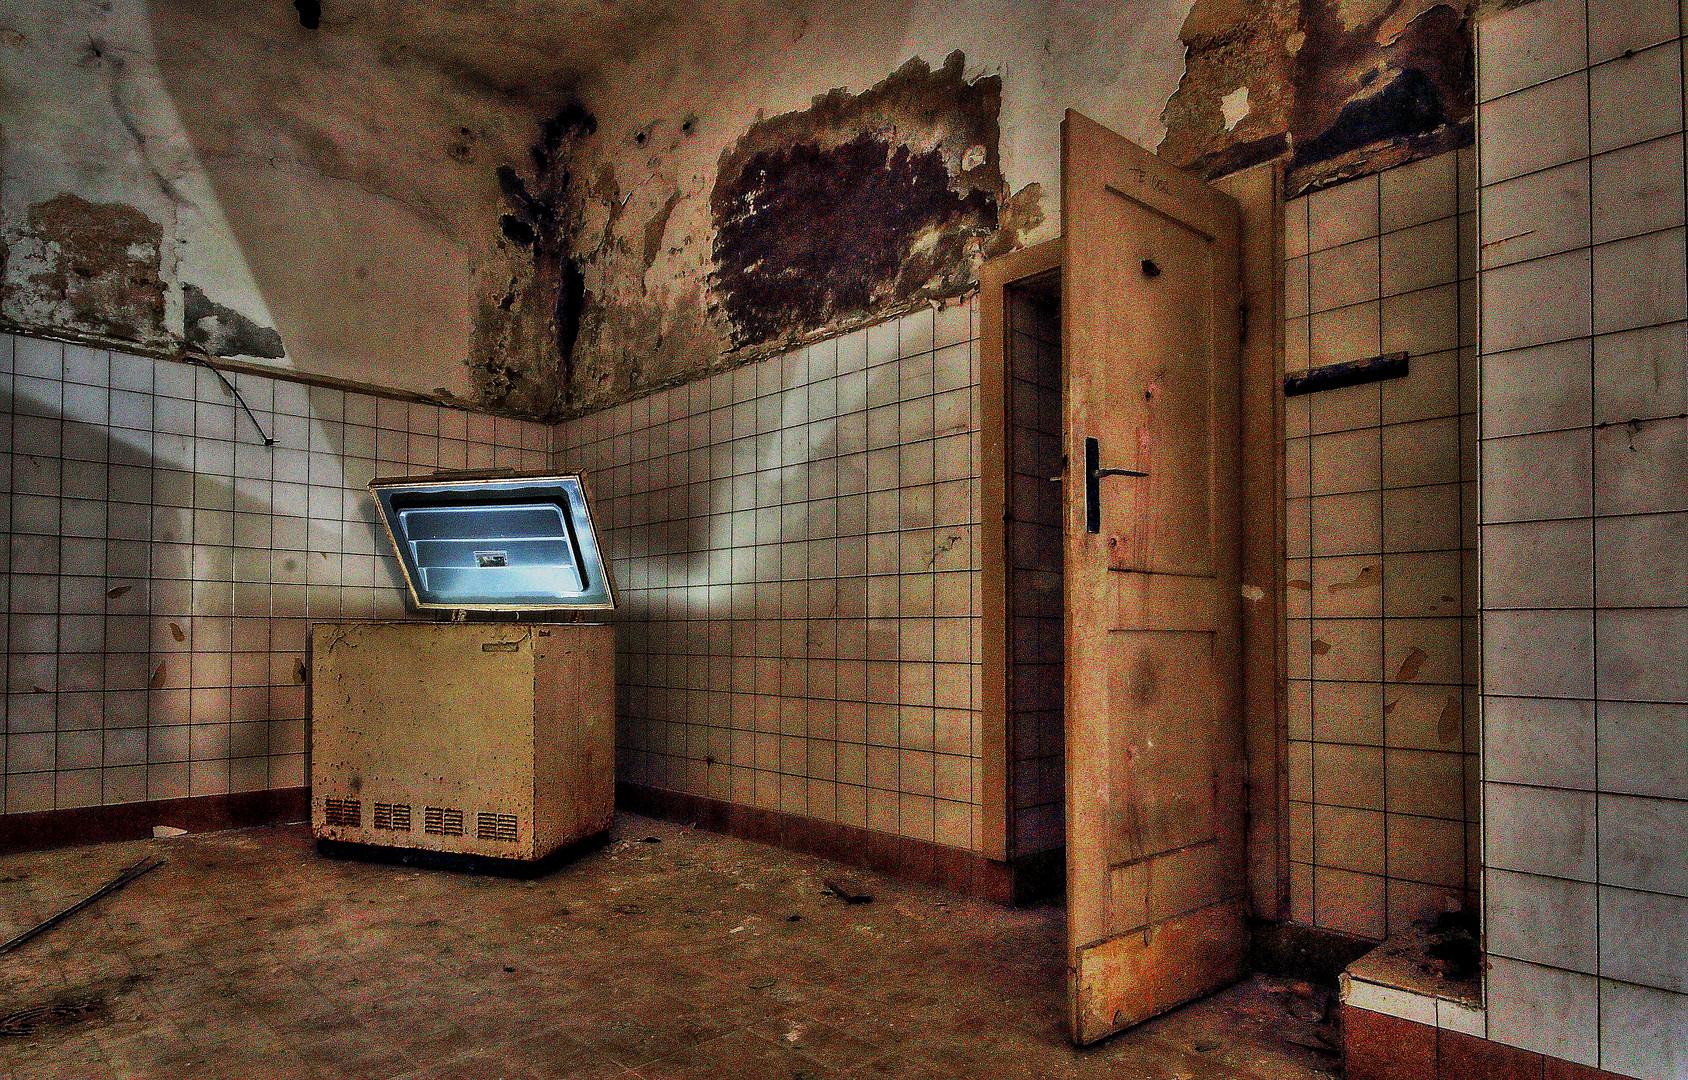 Kühlschrank Licht : Und im kühlschrank brennt noch das licht foto & bild architektur